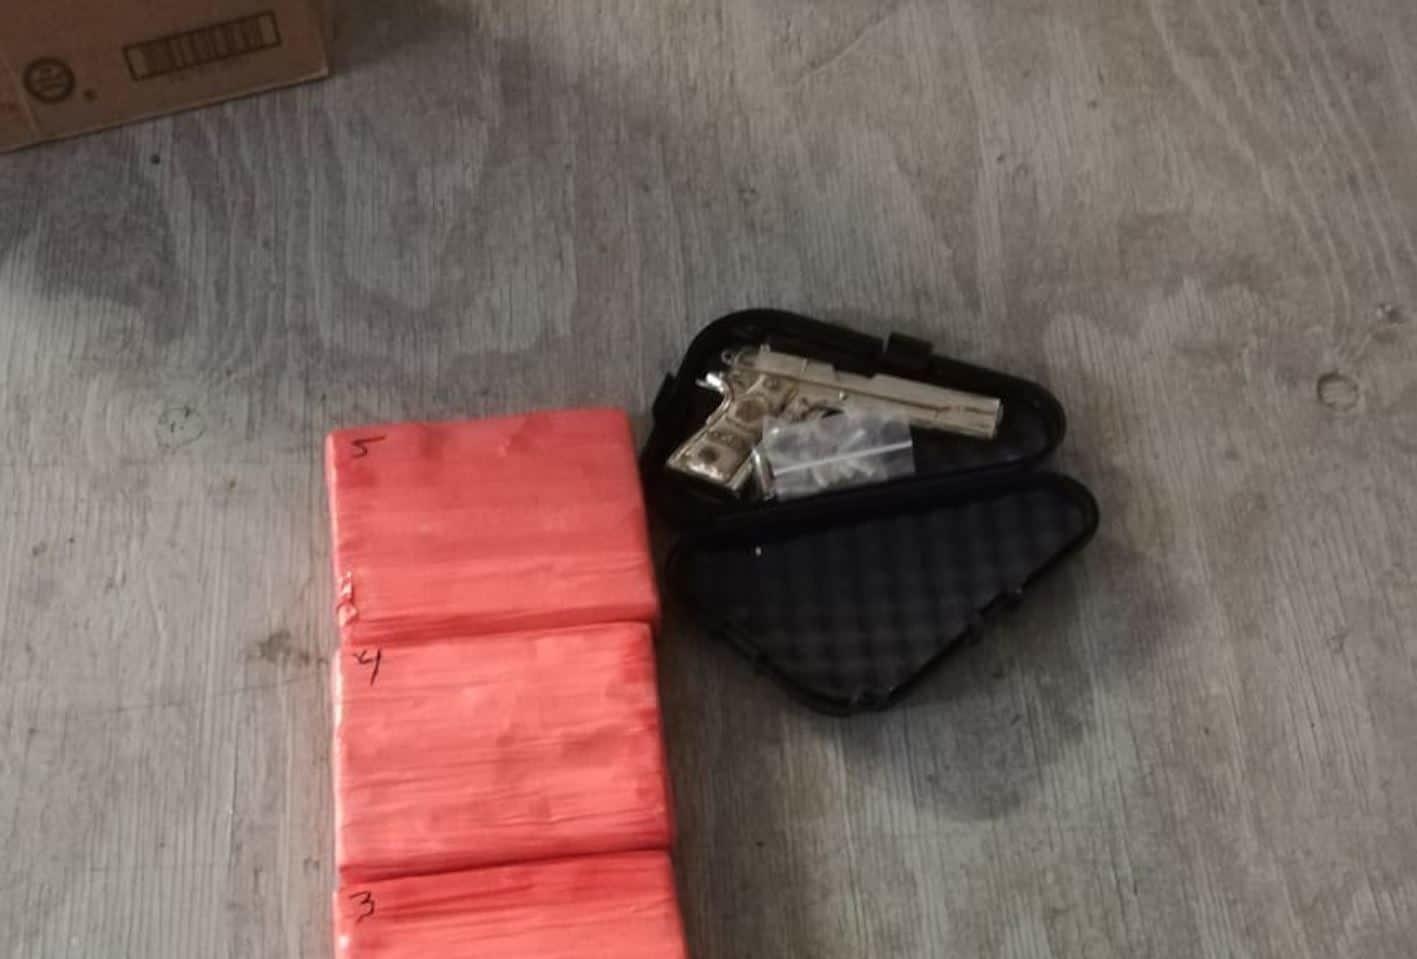 ARMA. La pistola y paquetes conteniendo mariguana hallados en el operativo.